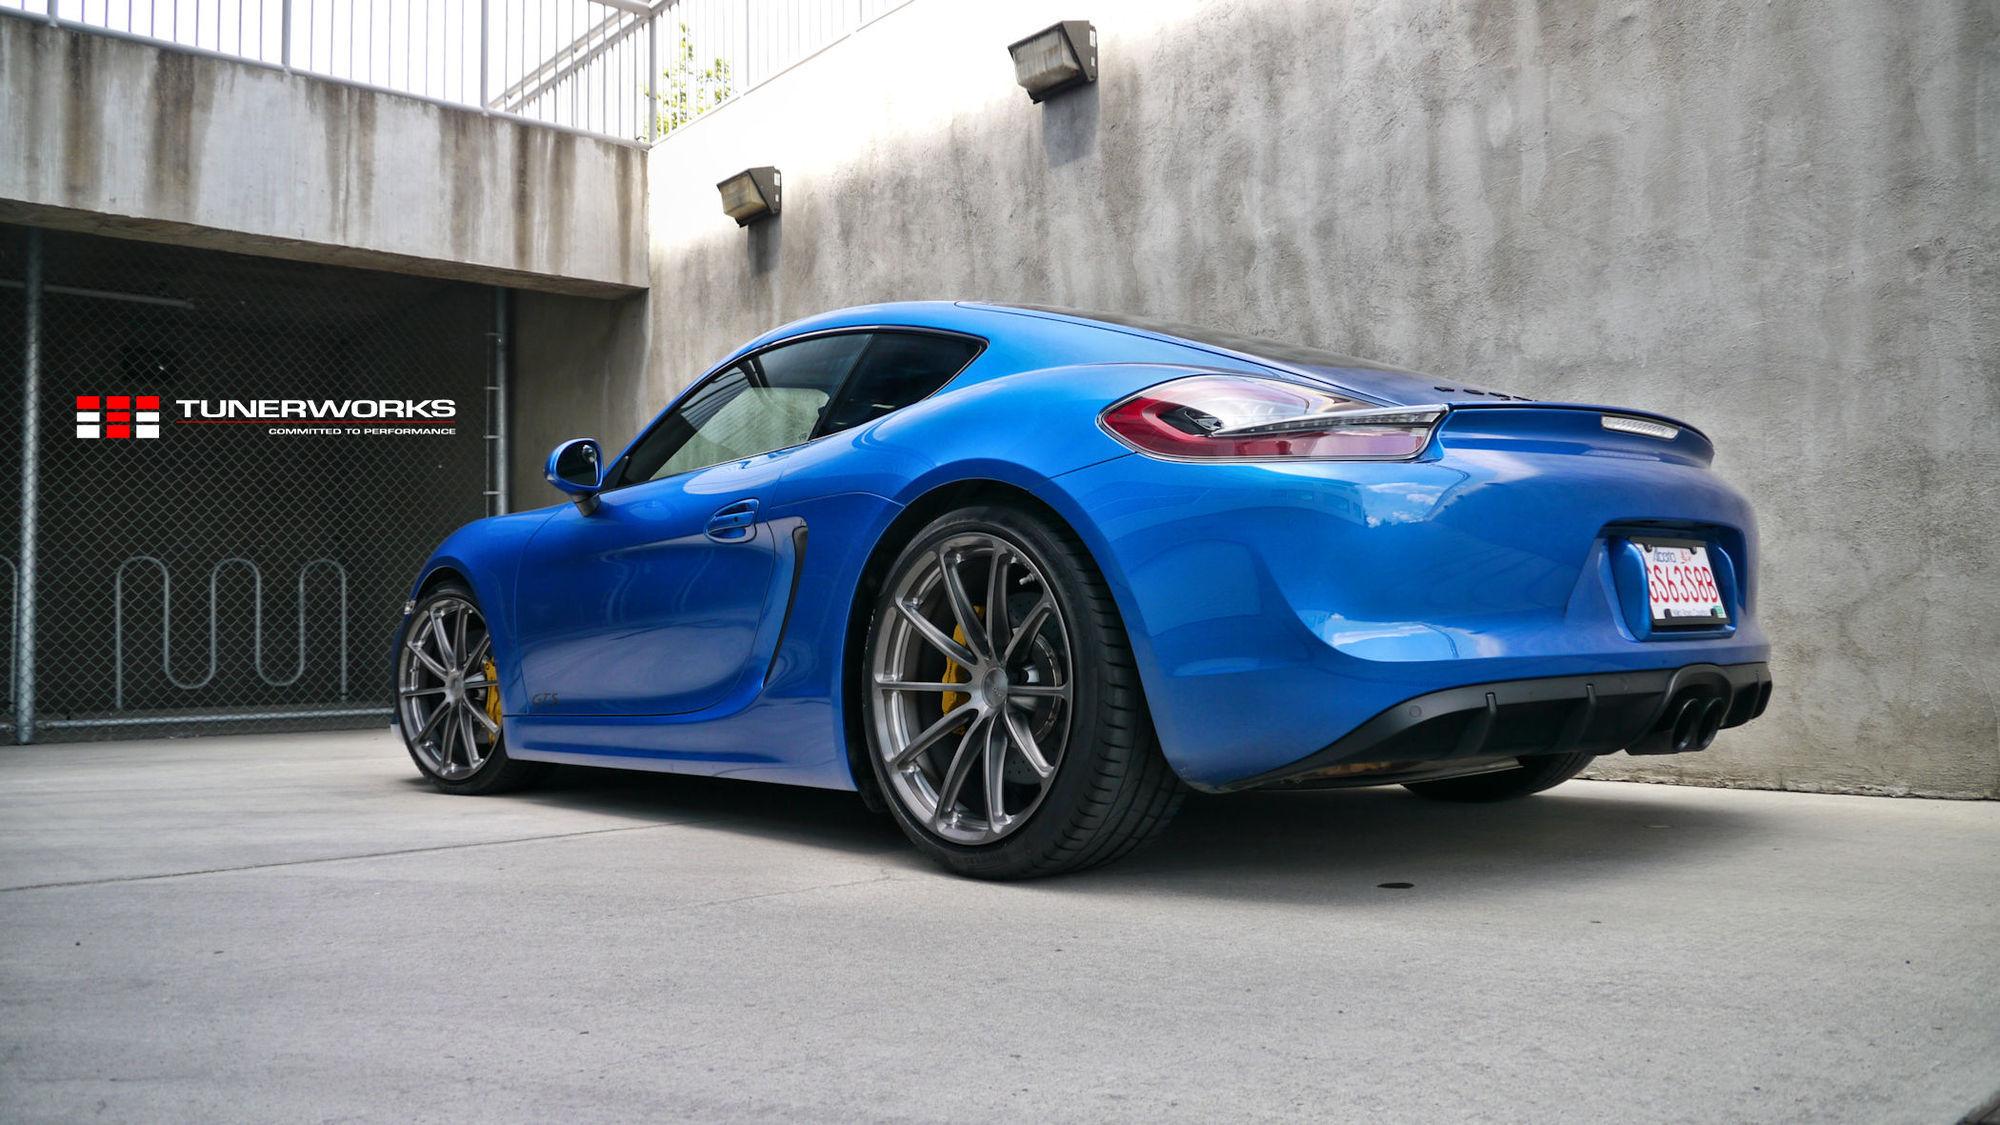 2017 Porsche Cayman | Tunerworks Blue Porsche Cayman GTS on Forgeline One Piece Forged Monoblock GT1 5-Lug Wheels